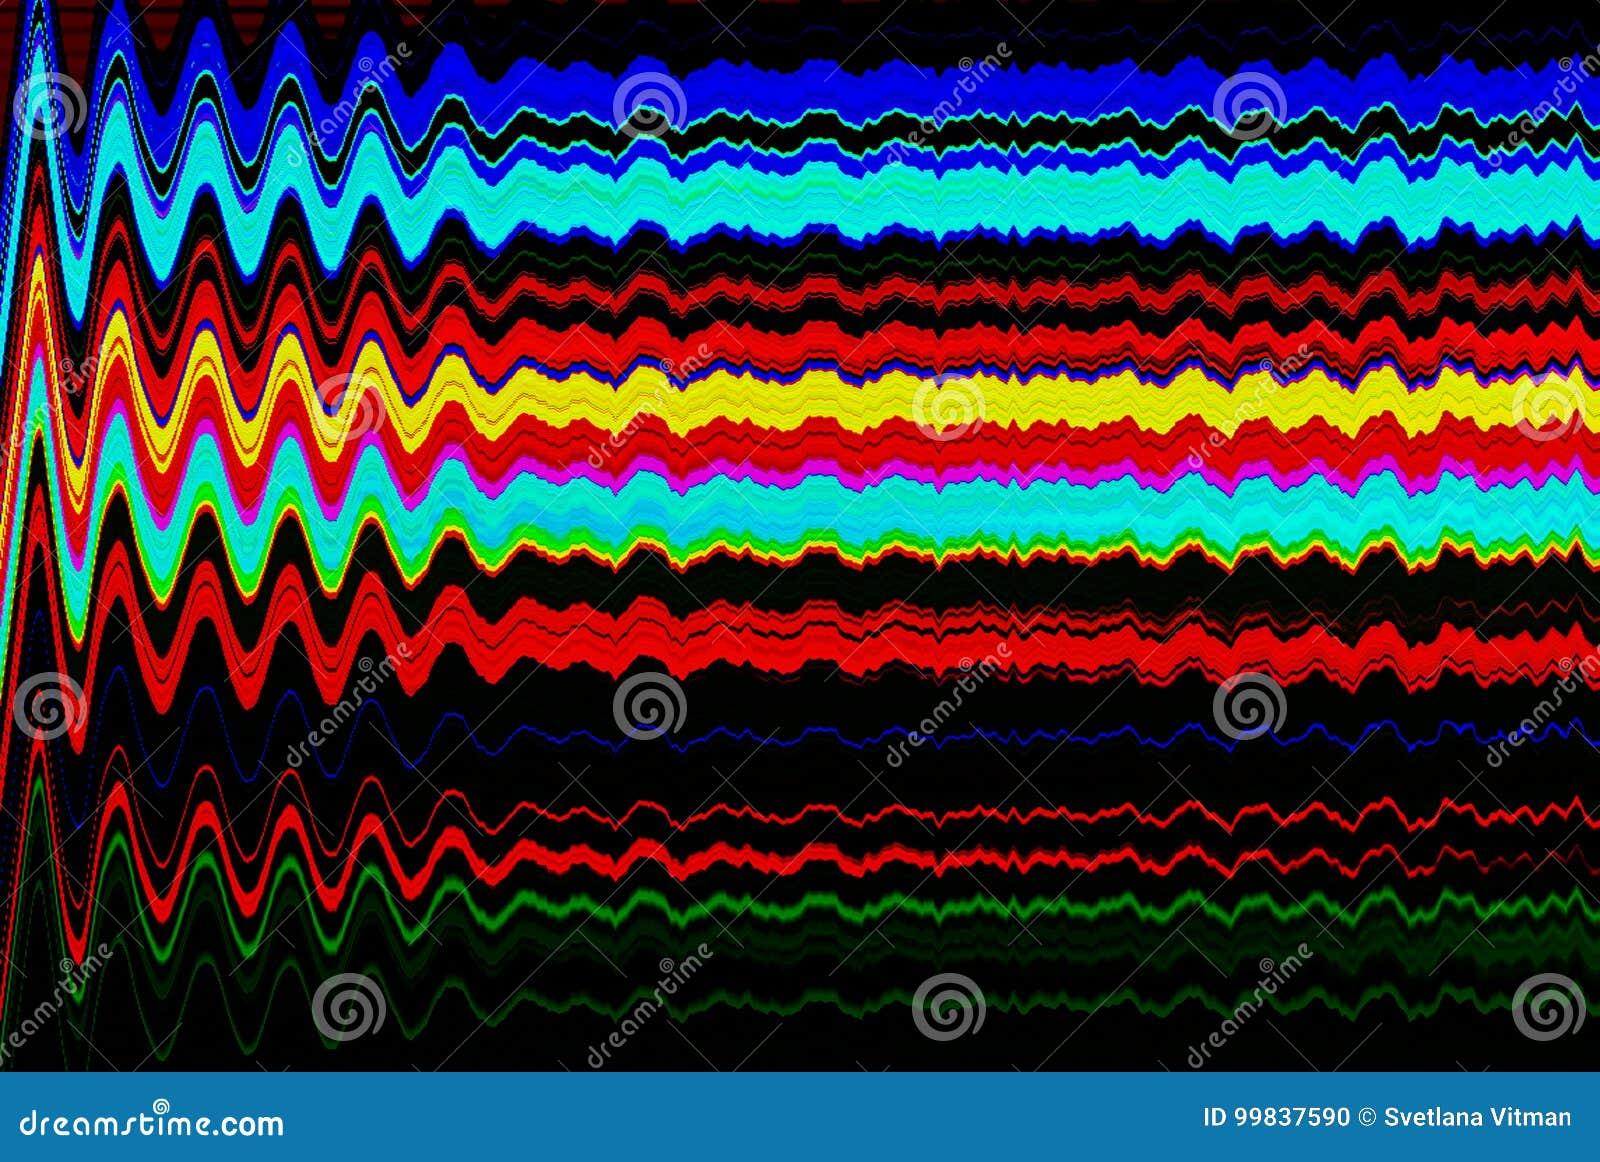 Glitch psychedelische achtergrond Oude TV-het schermfout Het digitale abstracte ontwerp van het pixellawaai Fotoglitch Televisies